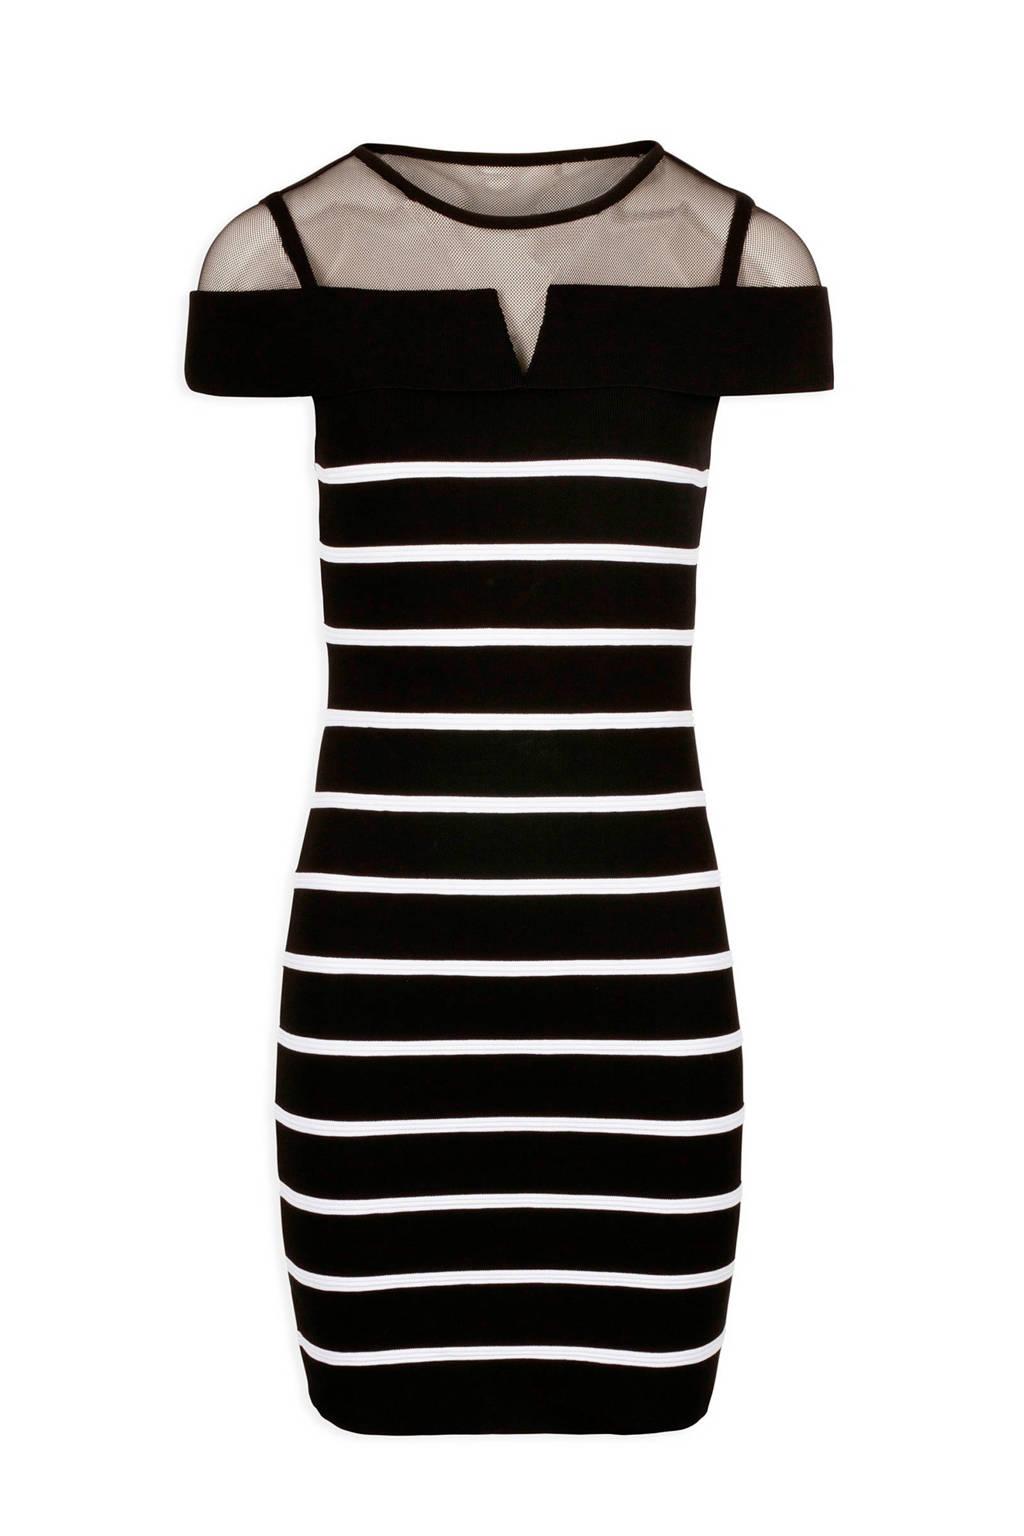 Morgan gestreepte jurk zwart, Zwart